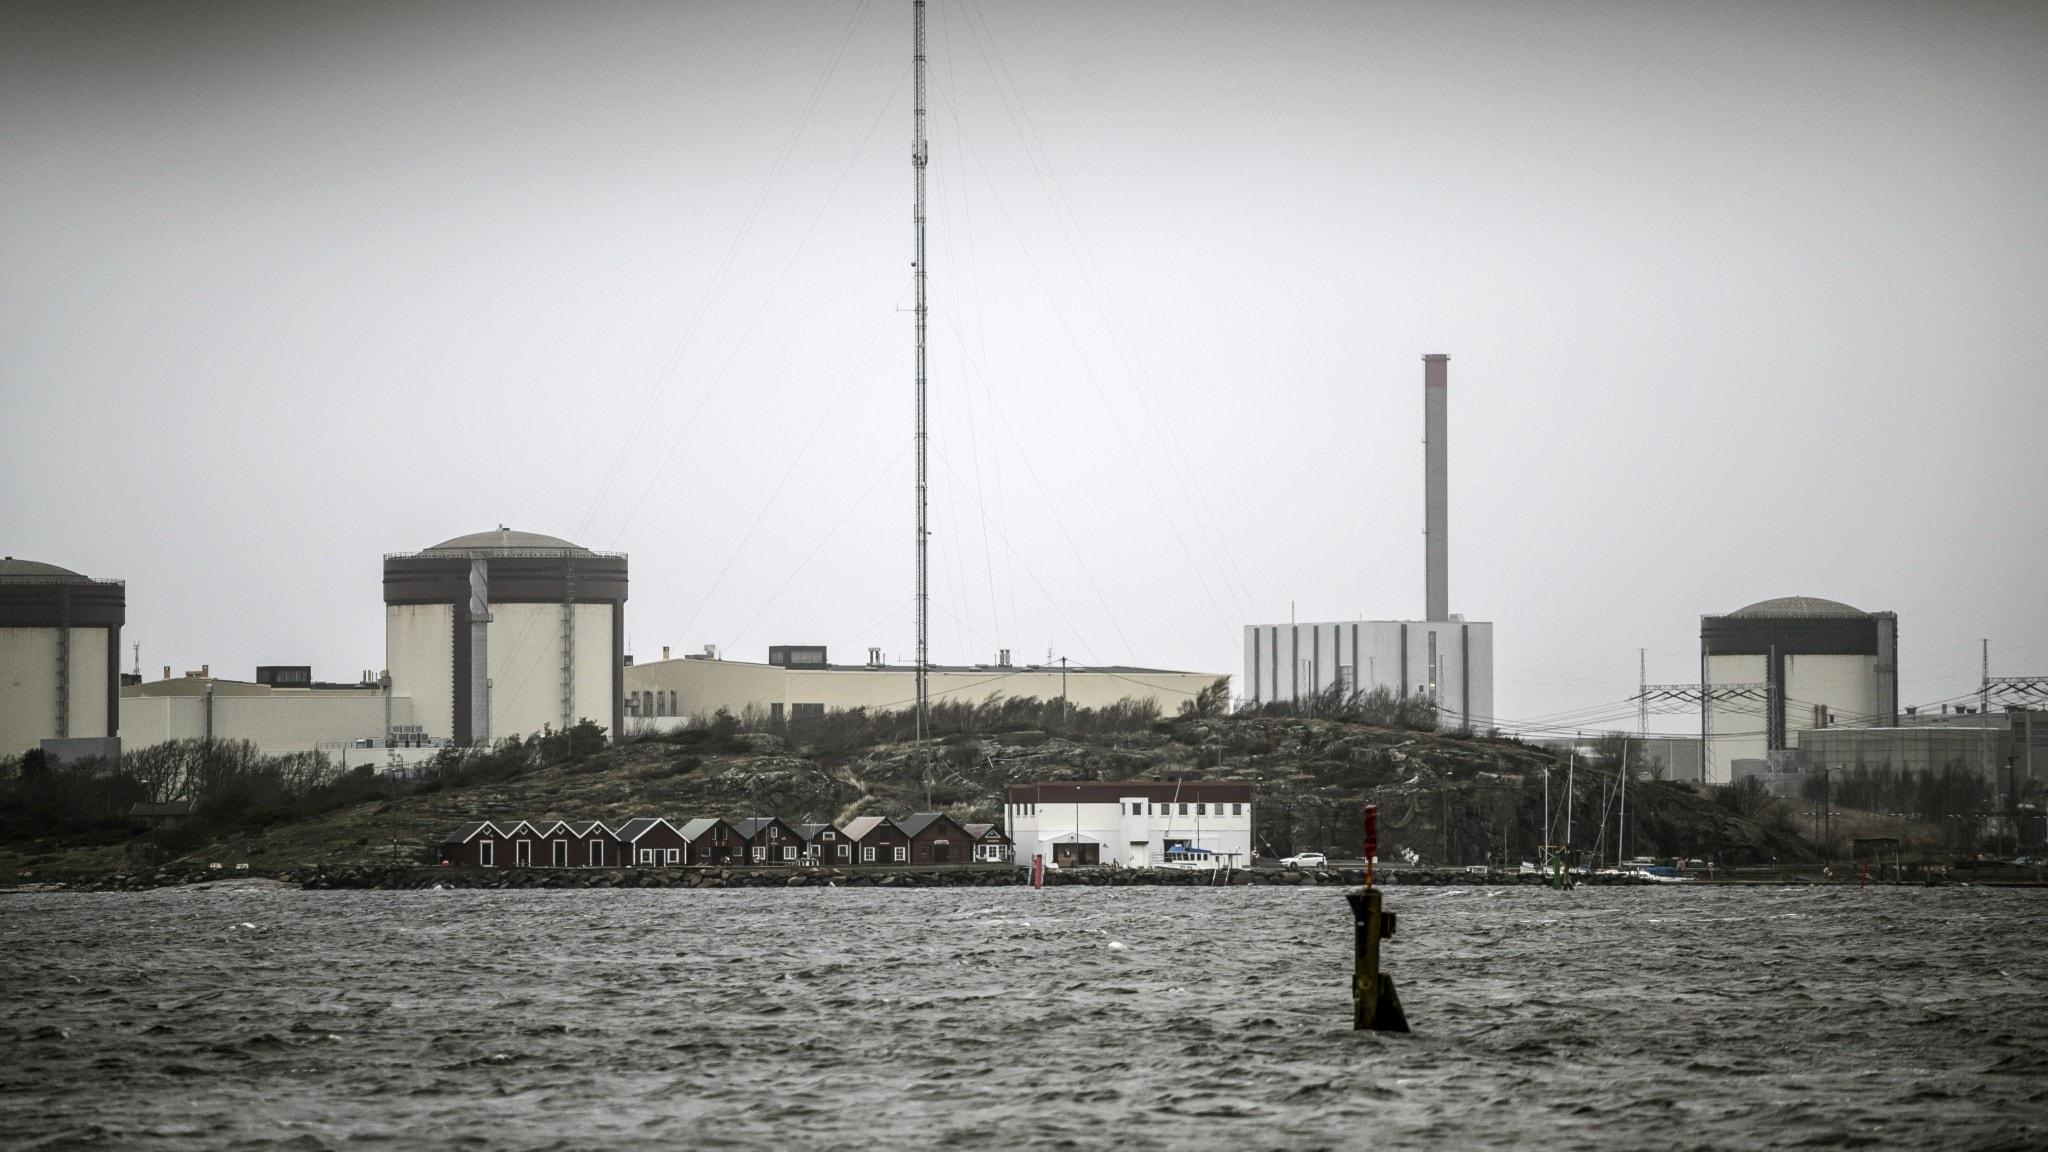 Det kommer att dröja över 10 år tills kärnreaktorerna i Ringhals kan rivas